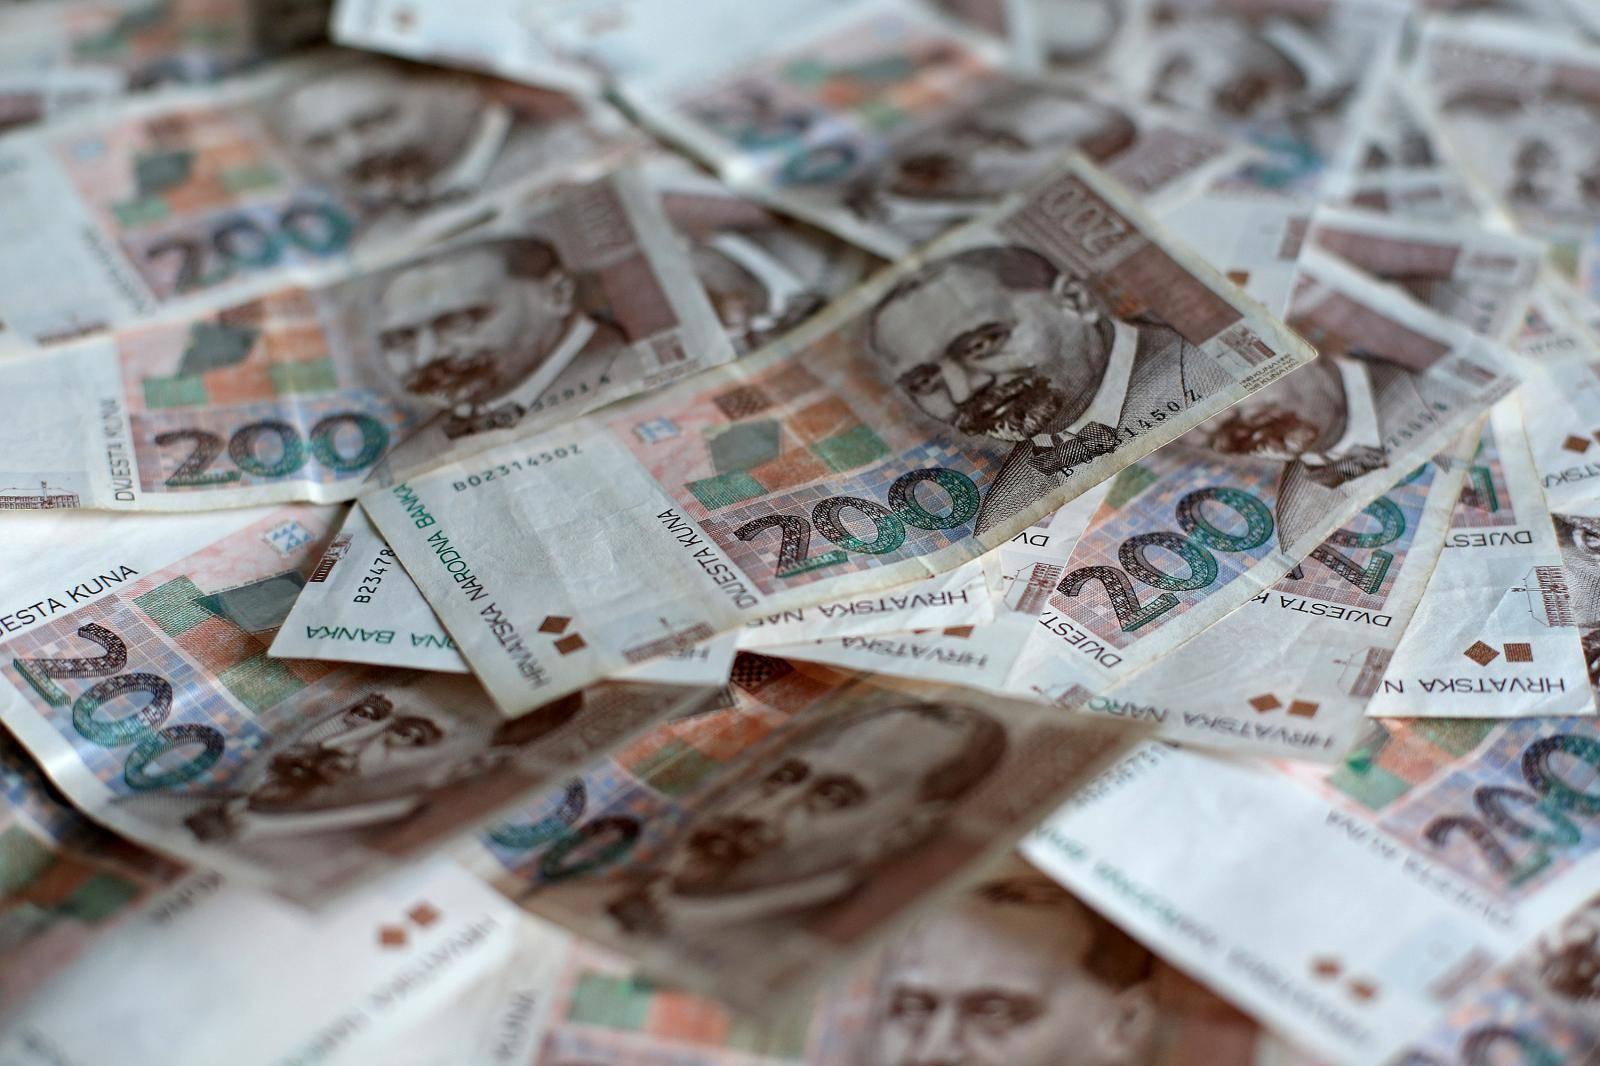 Hrvati u prosjeku imaju 10.560 eura neto financijske imovine